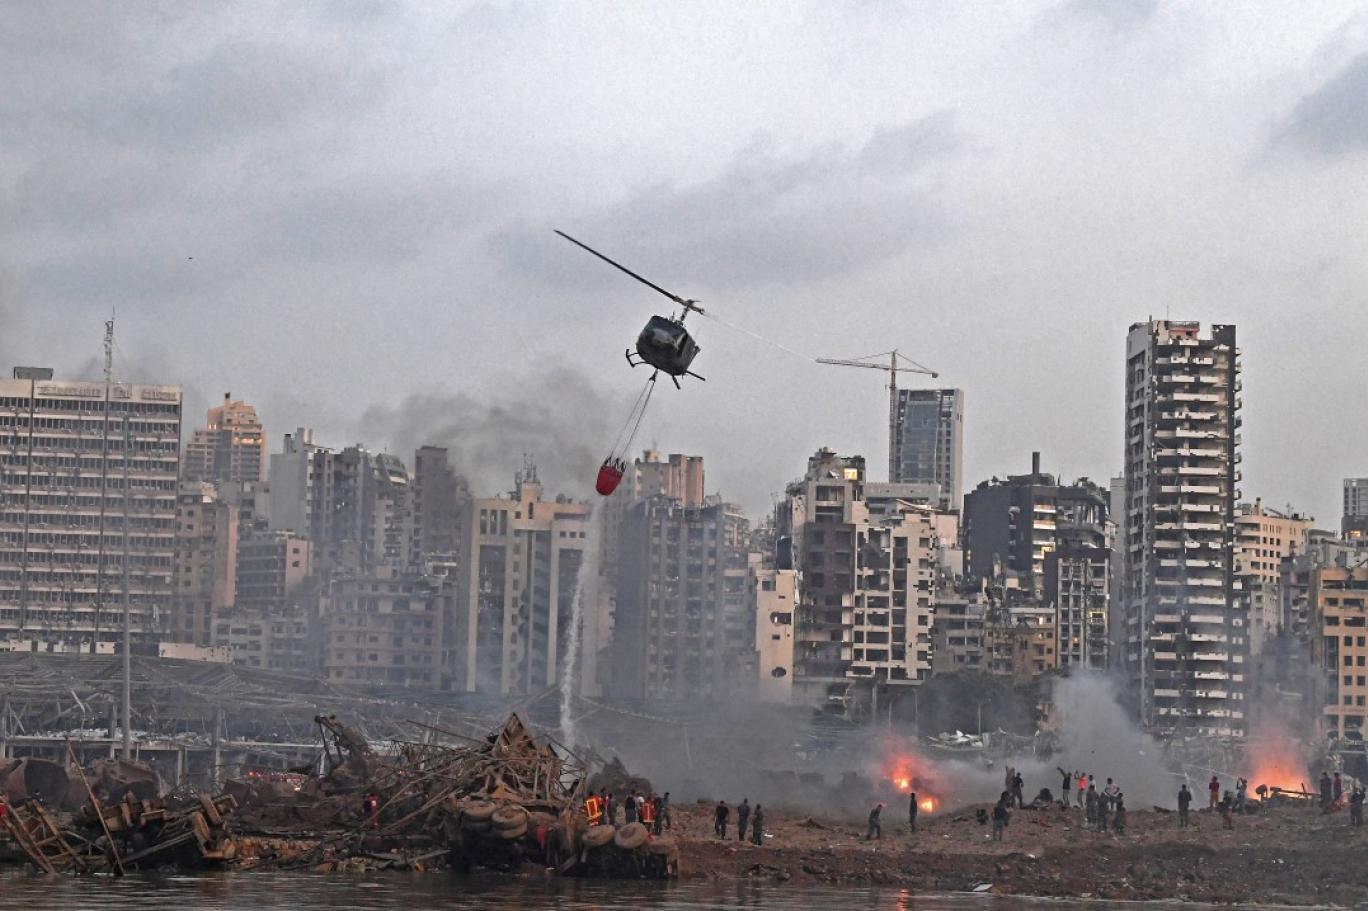 صورة لبنان يفقد 70 في المئة من قدرته الاقتصادية